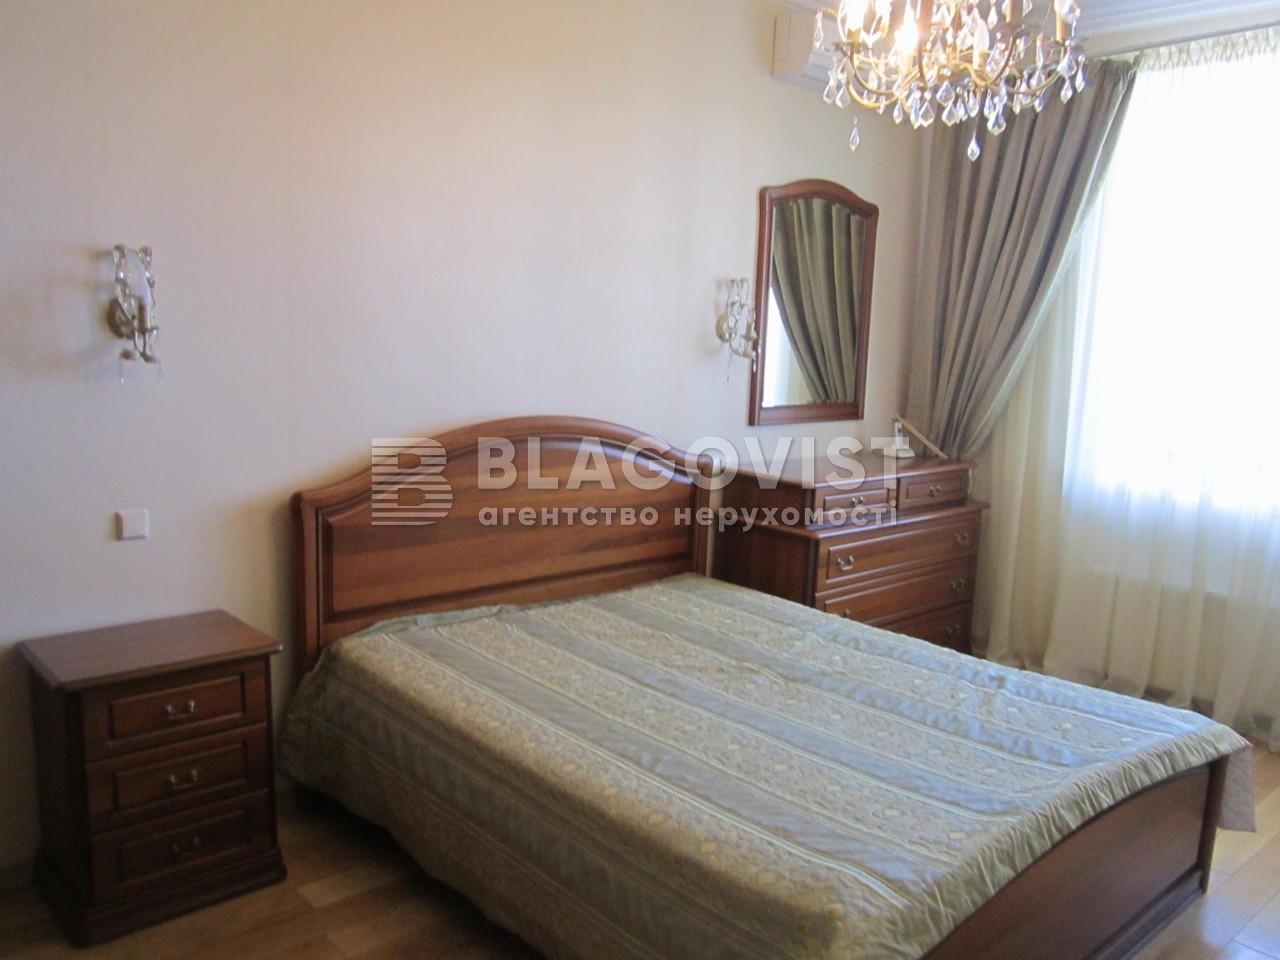 Квартира C-83978, Барбюса Анри, 16, Киев - Фото 8